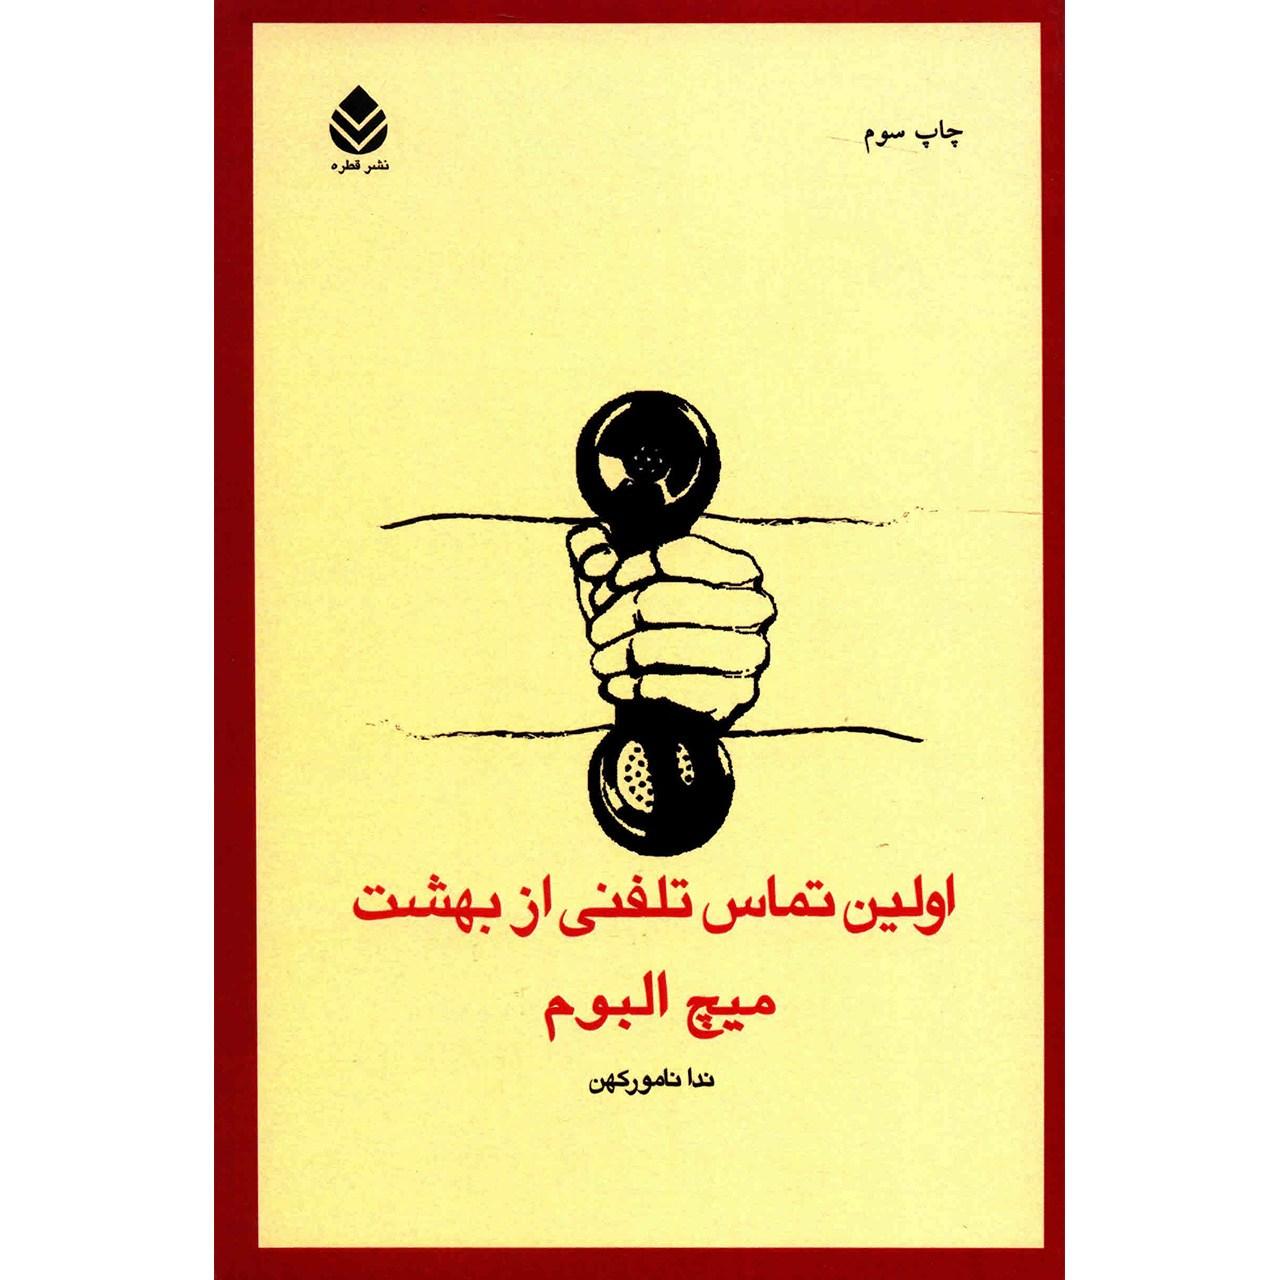 کتاب اولین تماس تلفنی از بهشت اثر میچ البوم